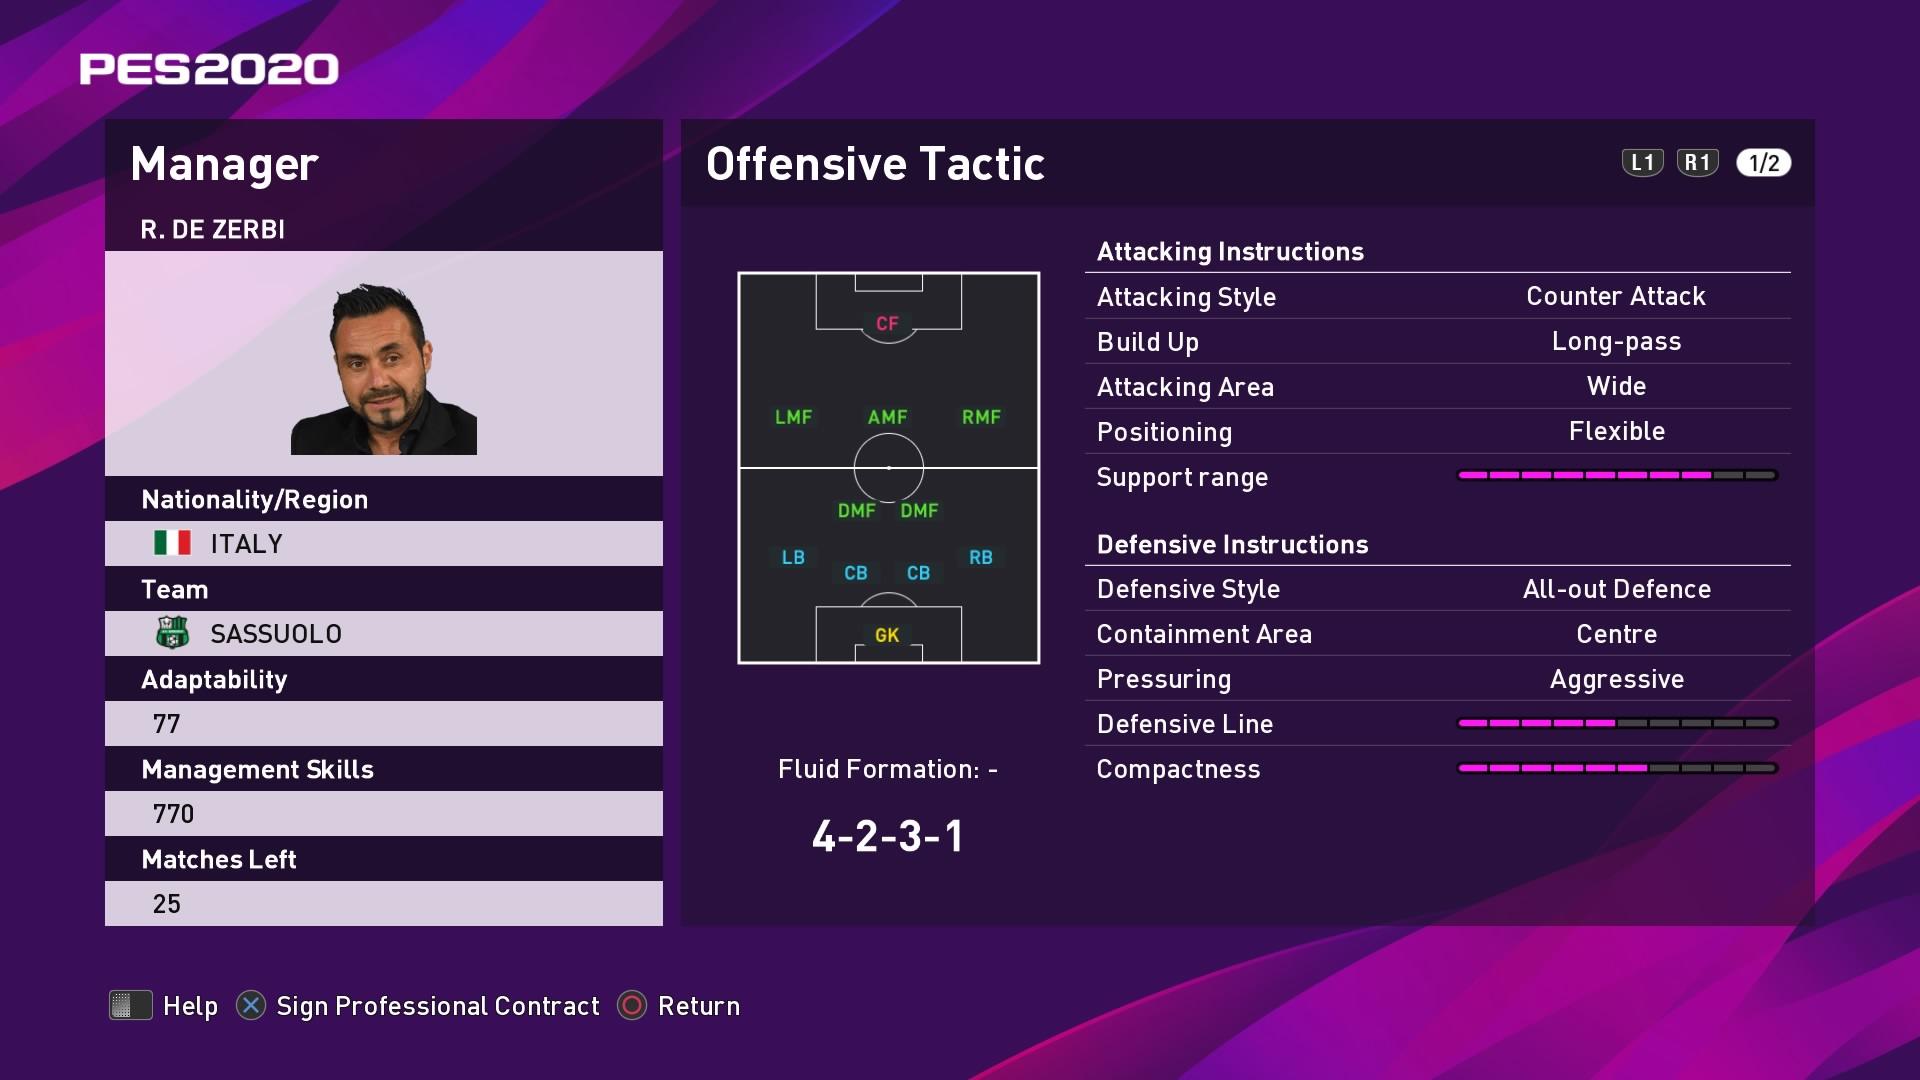 R. De Zerbi (Roberto De Zerbi) Offensive Tactic in PES 2020 myClub